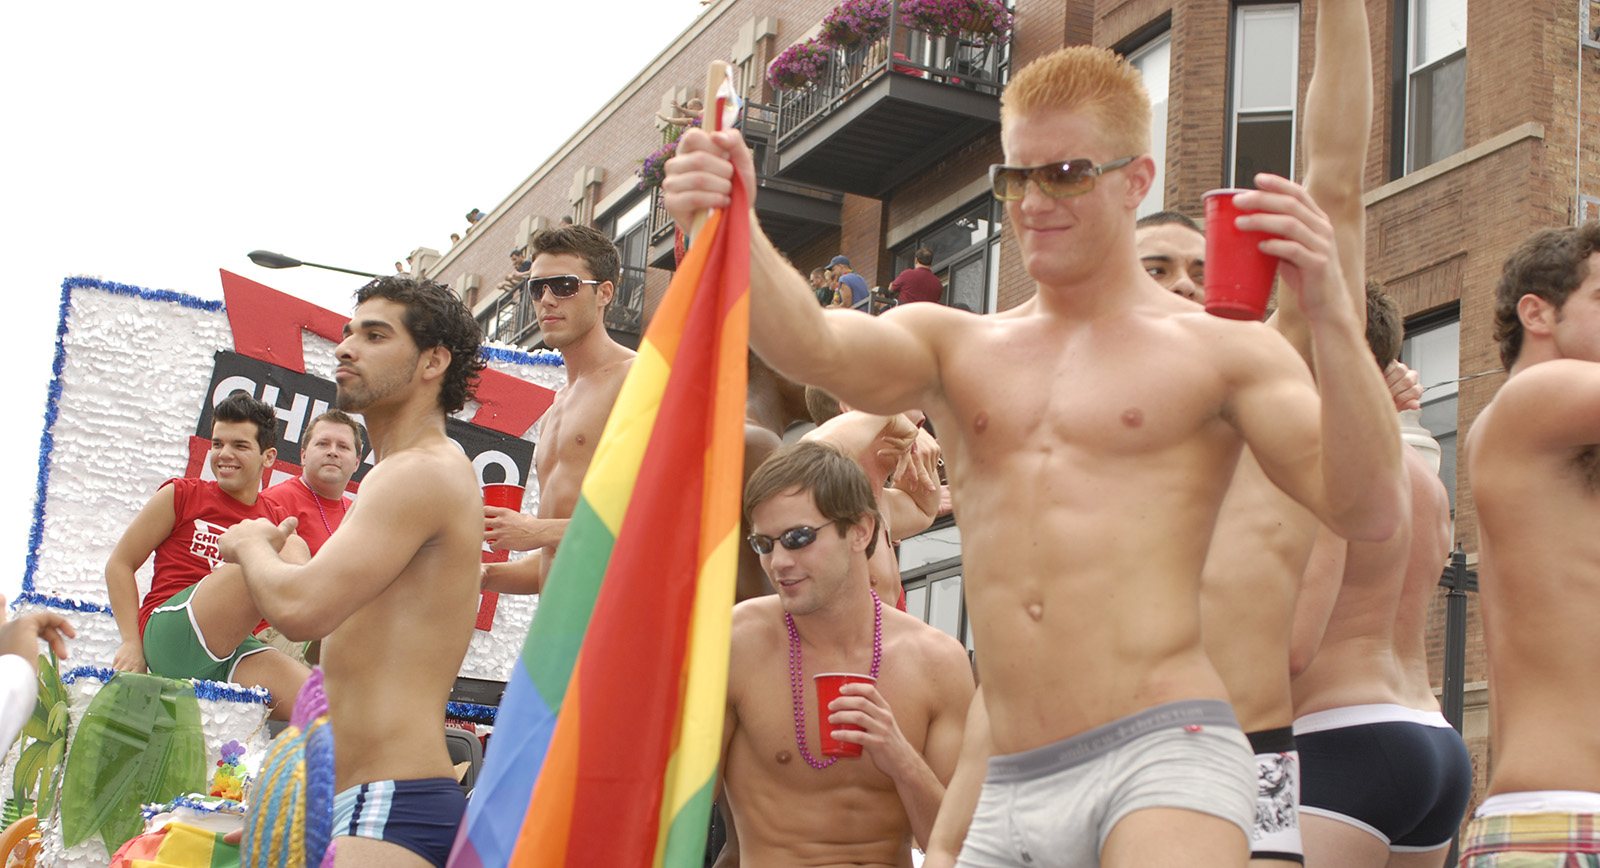 German gay personal